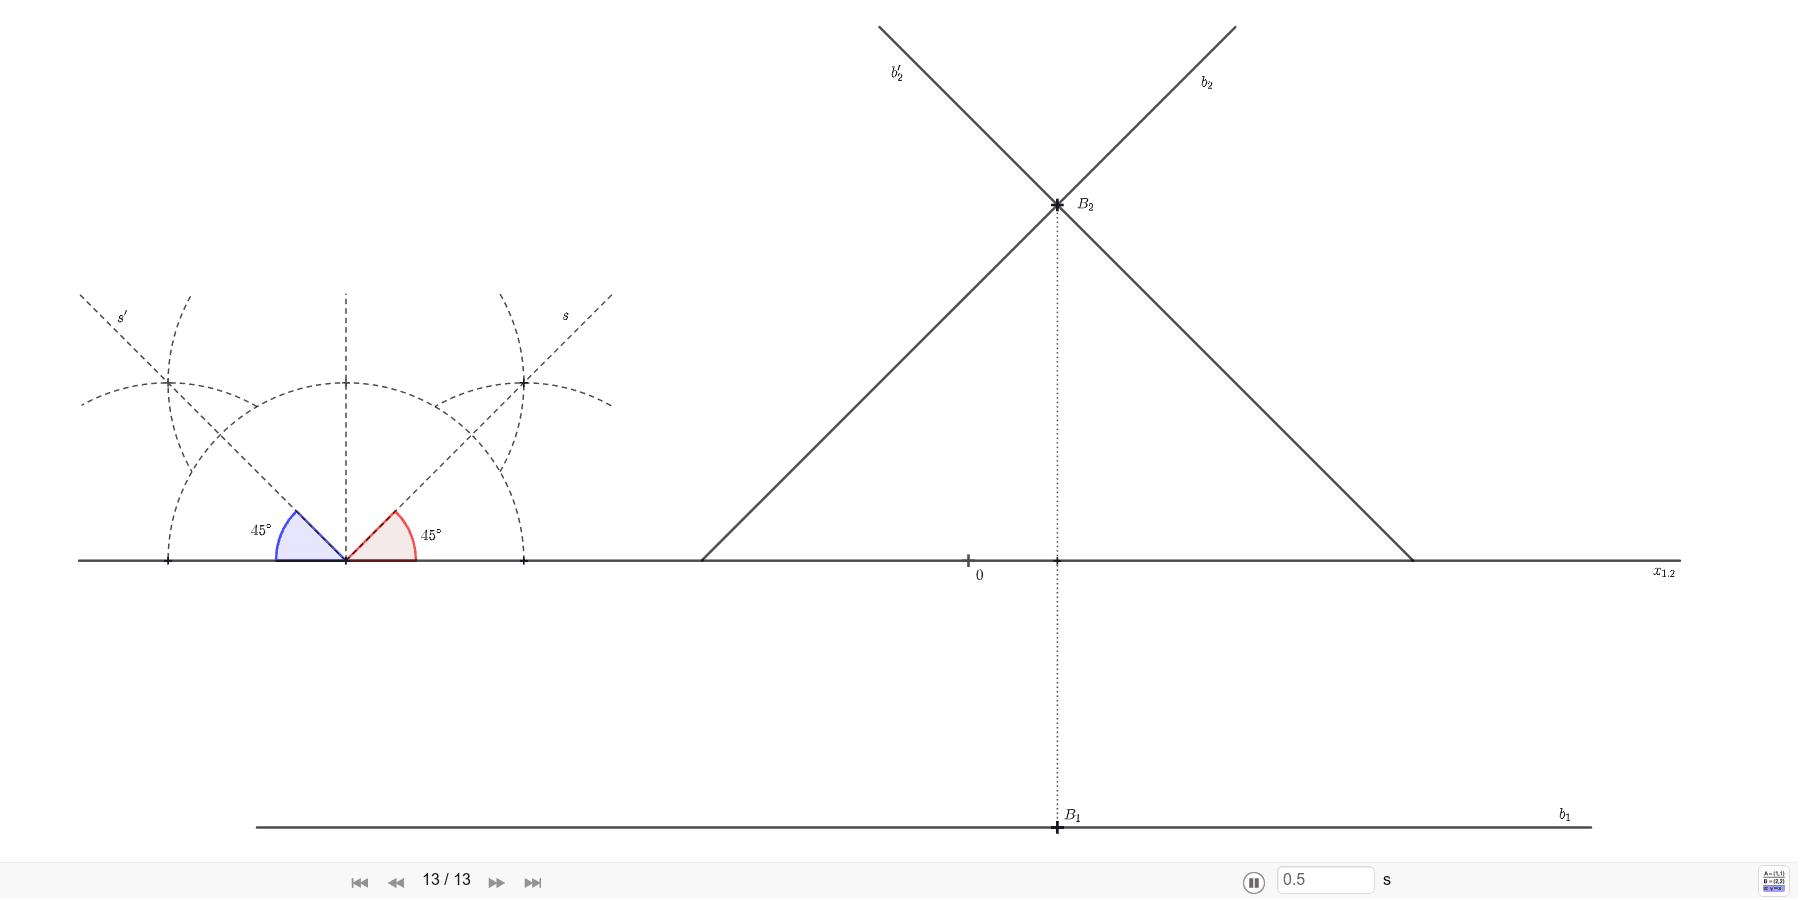 Bodem B=[1; 3; 4] veďte přímku b tak, aby byla rovnoběžná s nárysnou ν a aby její půdorysná odchylka byla 45°. Kolik řešení má úloha? Zahajte aktivitu stisknutím klávesy Enter